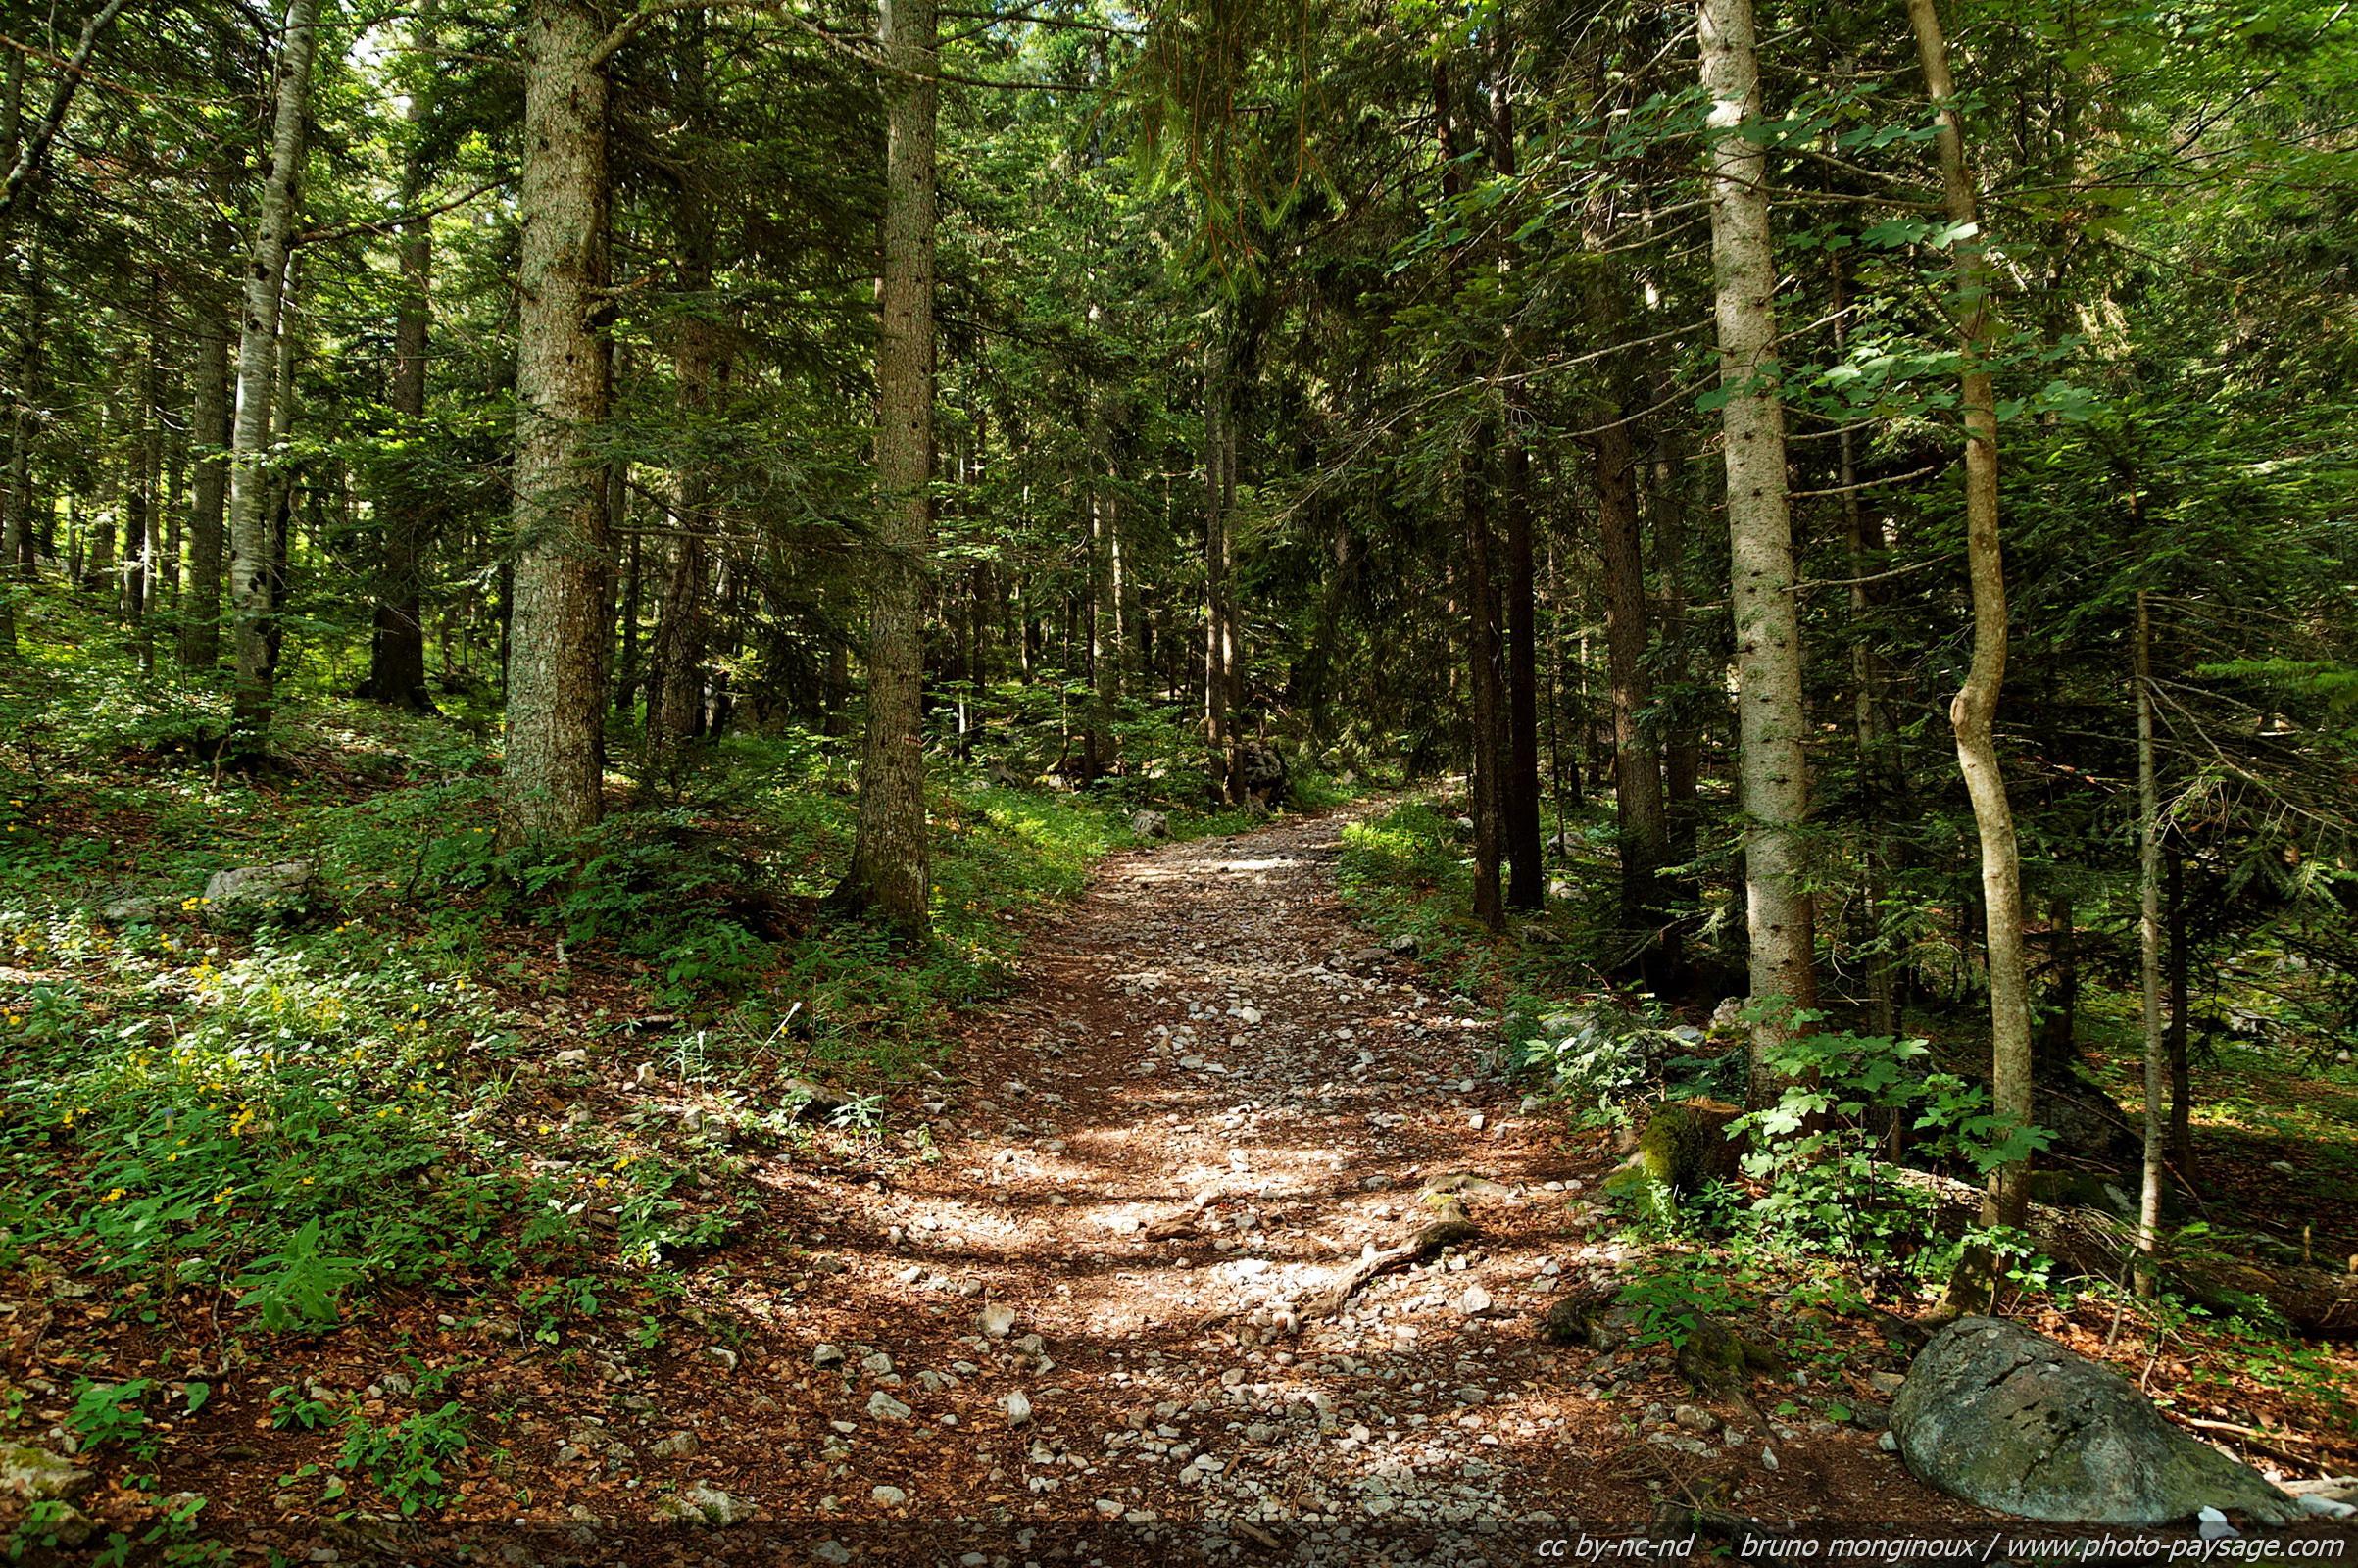 sentier-forestier-vercors-01.jpg